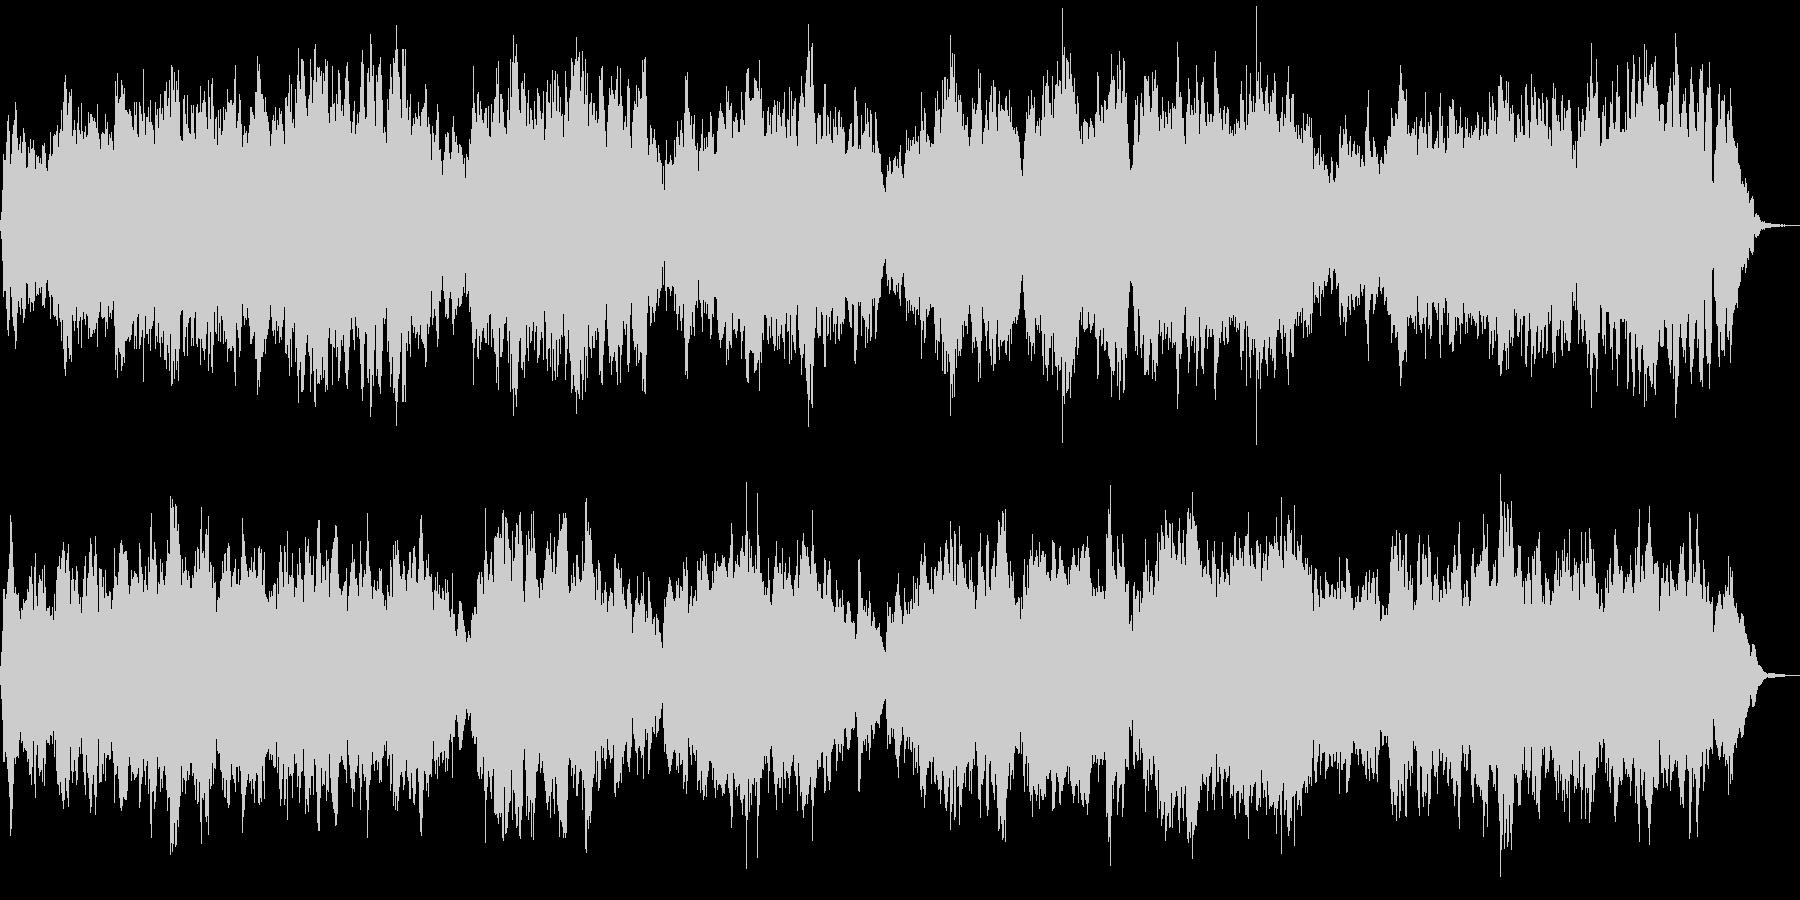 G線上のアリア・優雅な弦楽合奏の未再生の波形